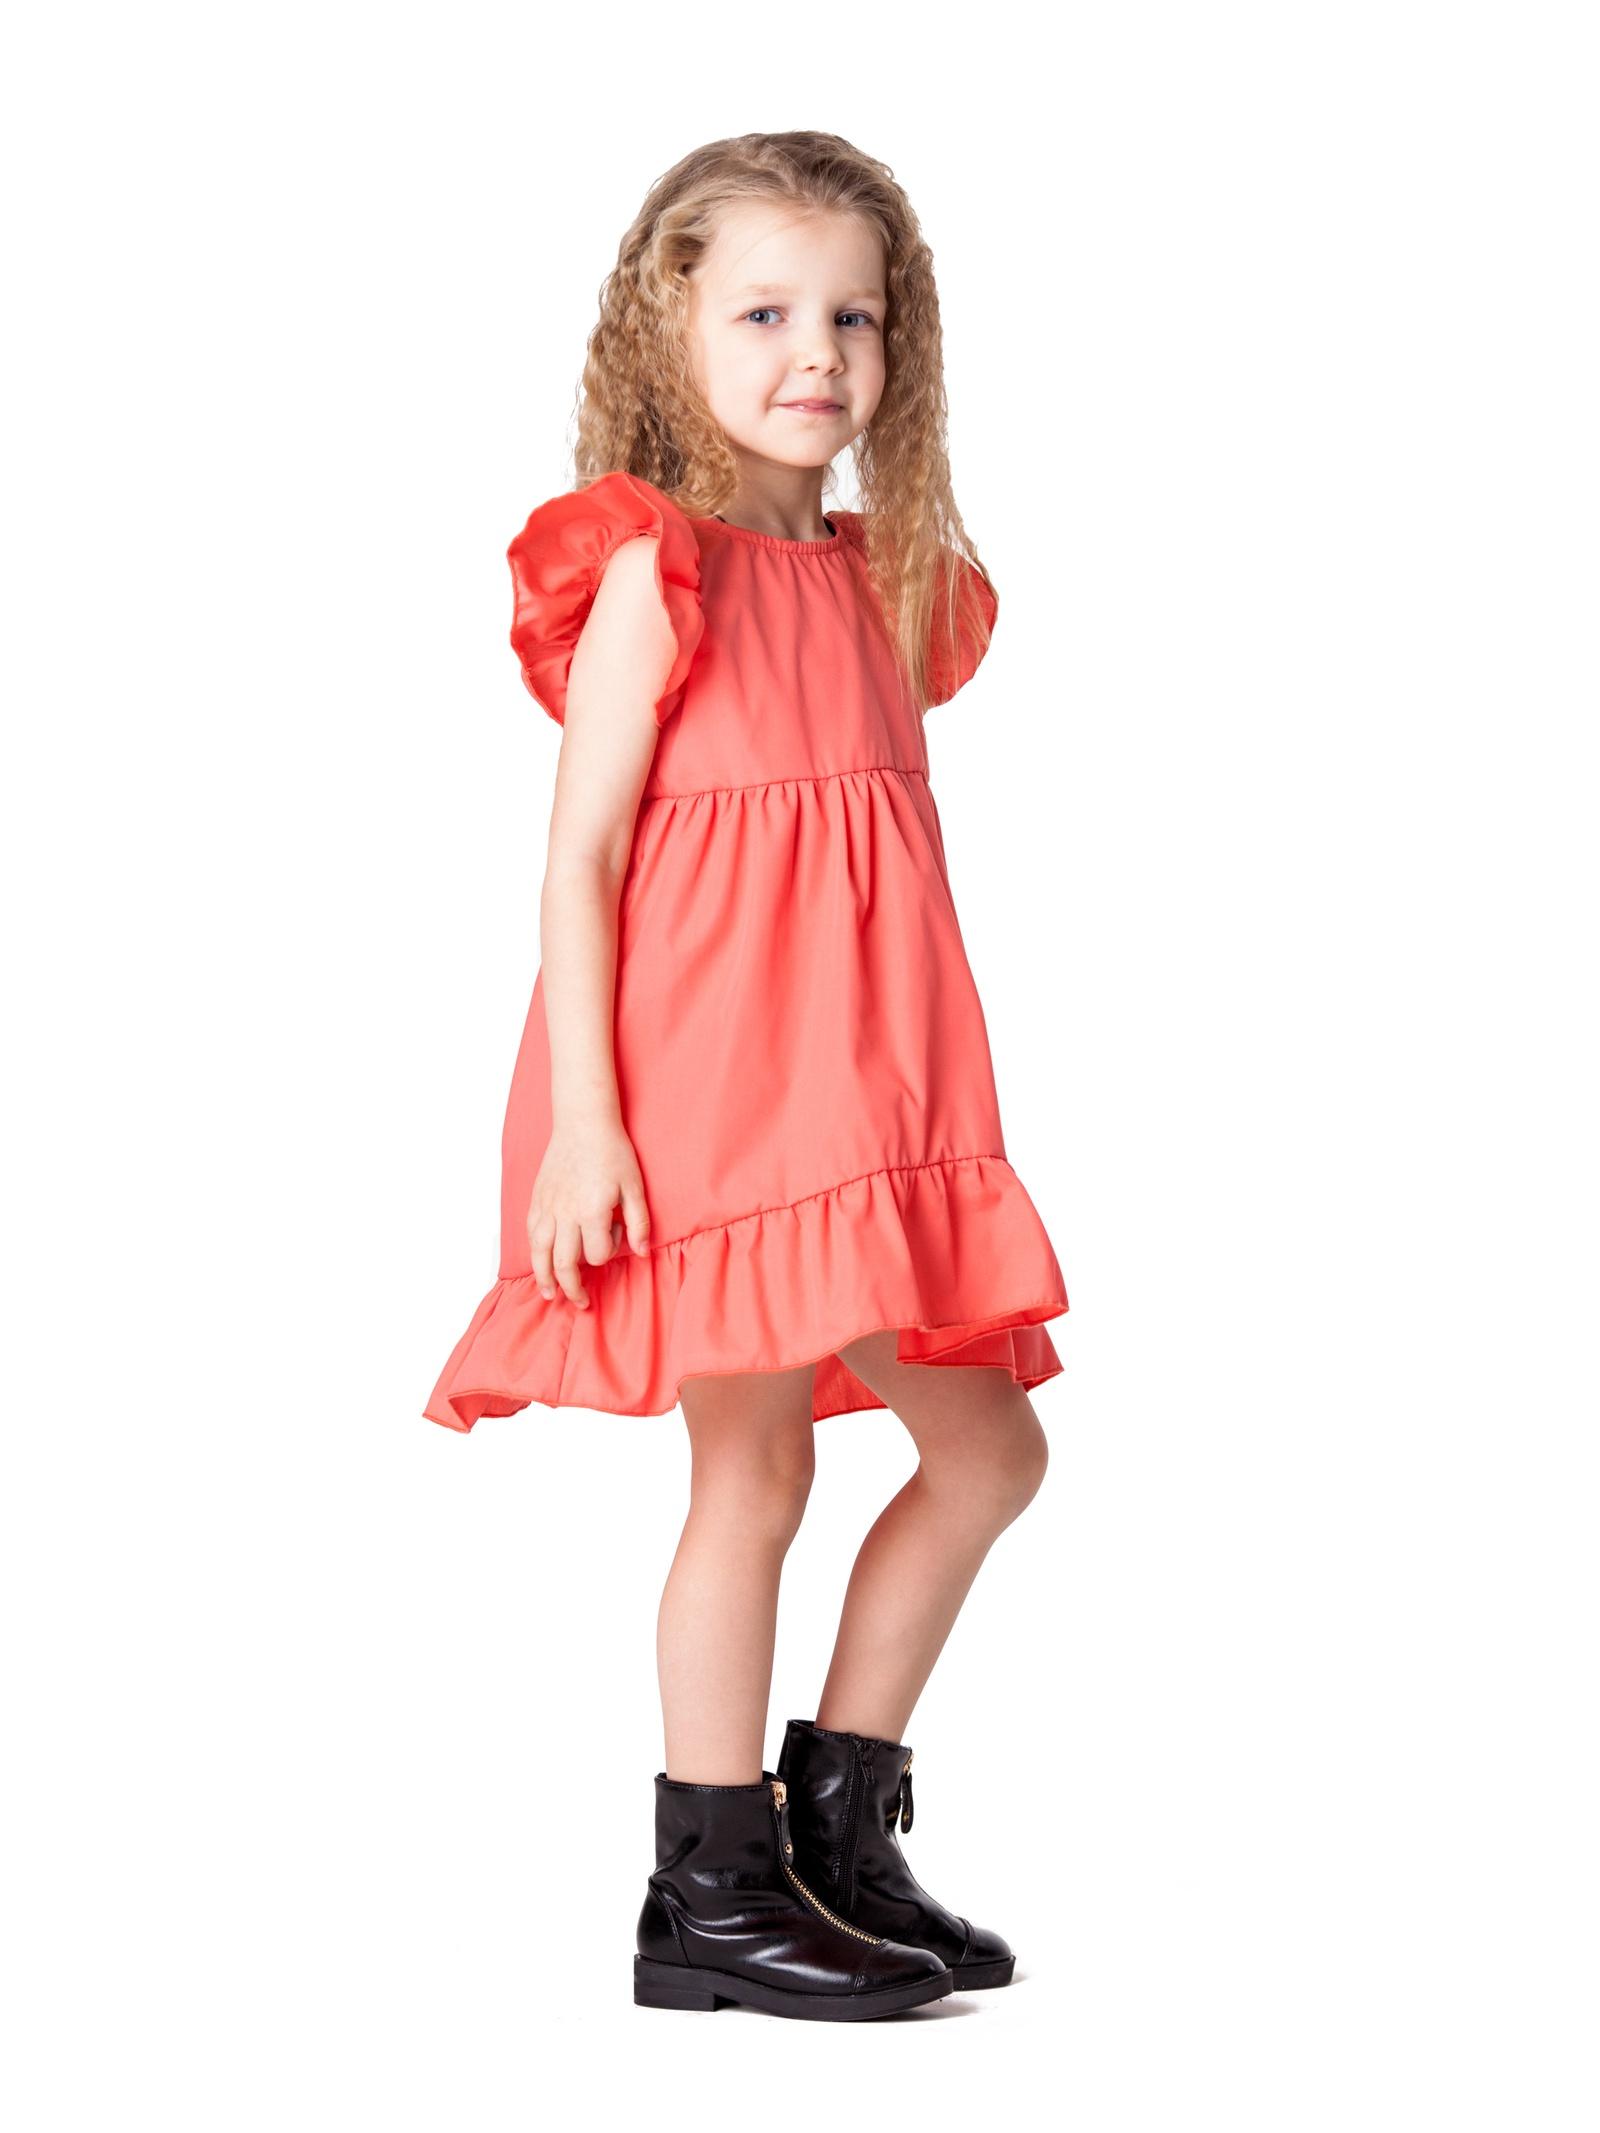 Платье ARCHYLAND 840Т_116_коралл, коралловый 116 размер840Т_116_кораллПлатье для девочкиТкань-аякс (40%пэ, 60%хлопок)